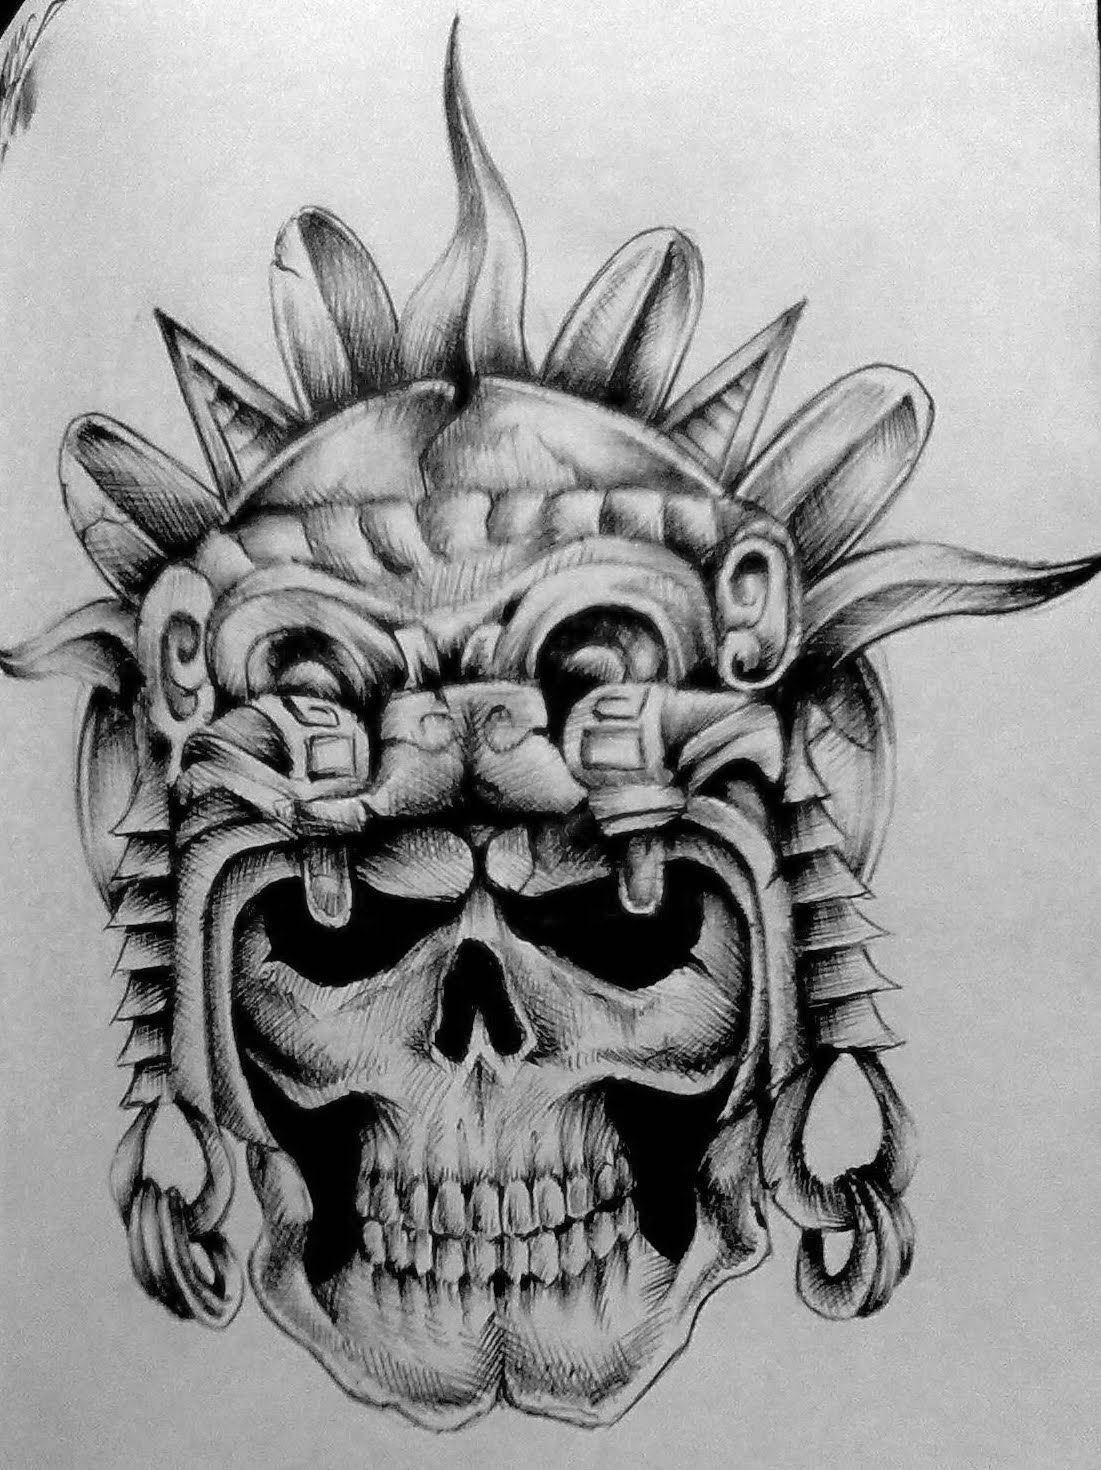 375ccf405b60f Aztec Warrior Skull Drawings Aztec   flac 1   Aztec art, Aztec ...